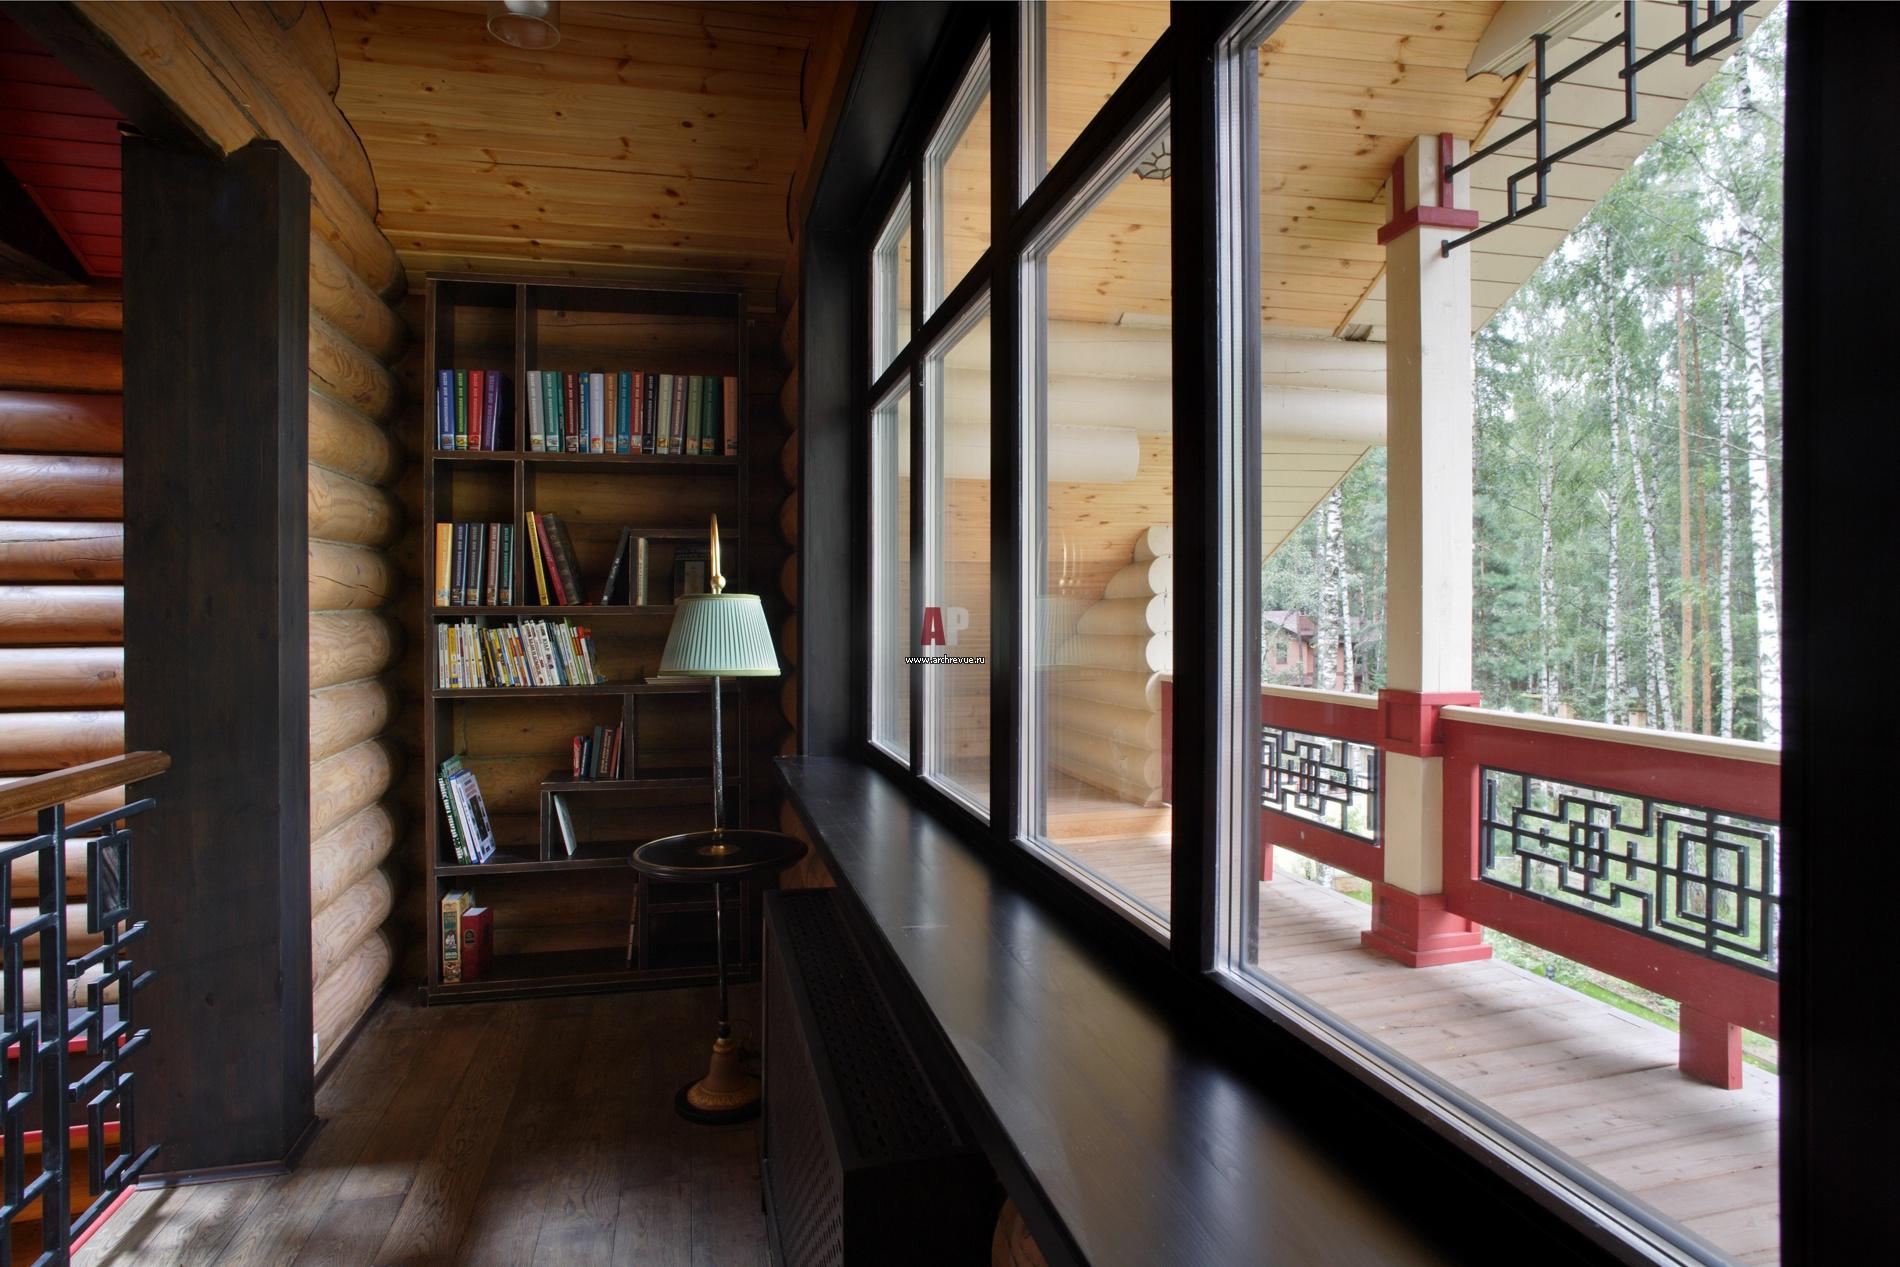 Фото интерьера лоджии деревянного дома в современном стиле.